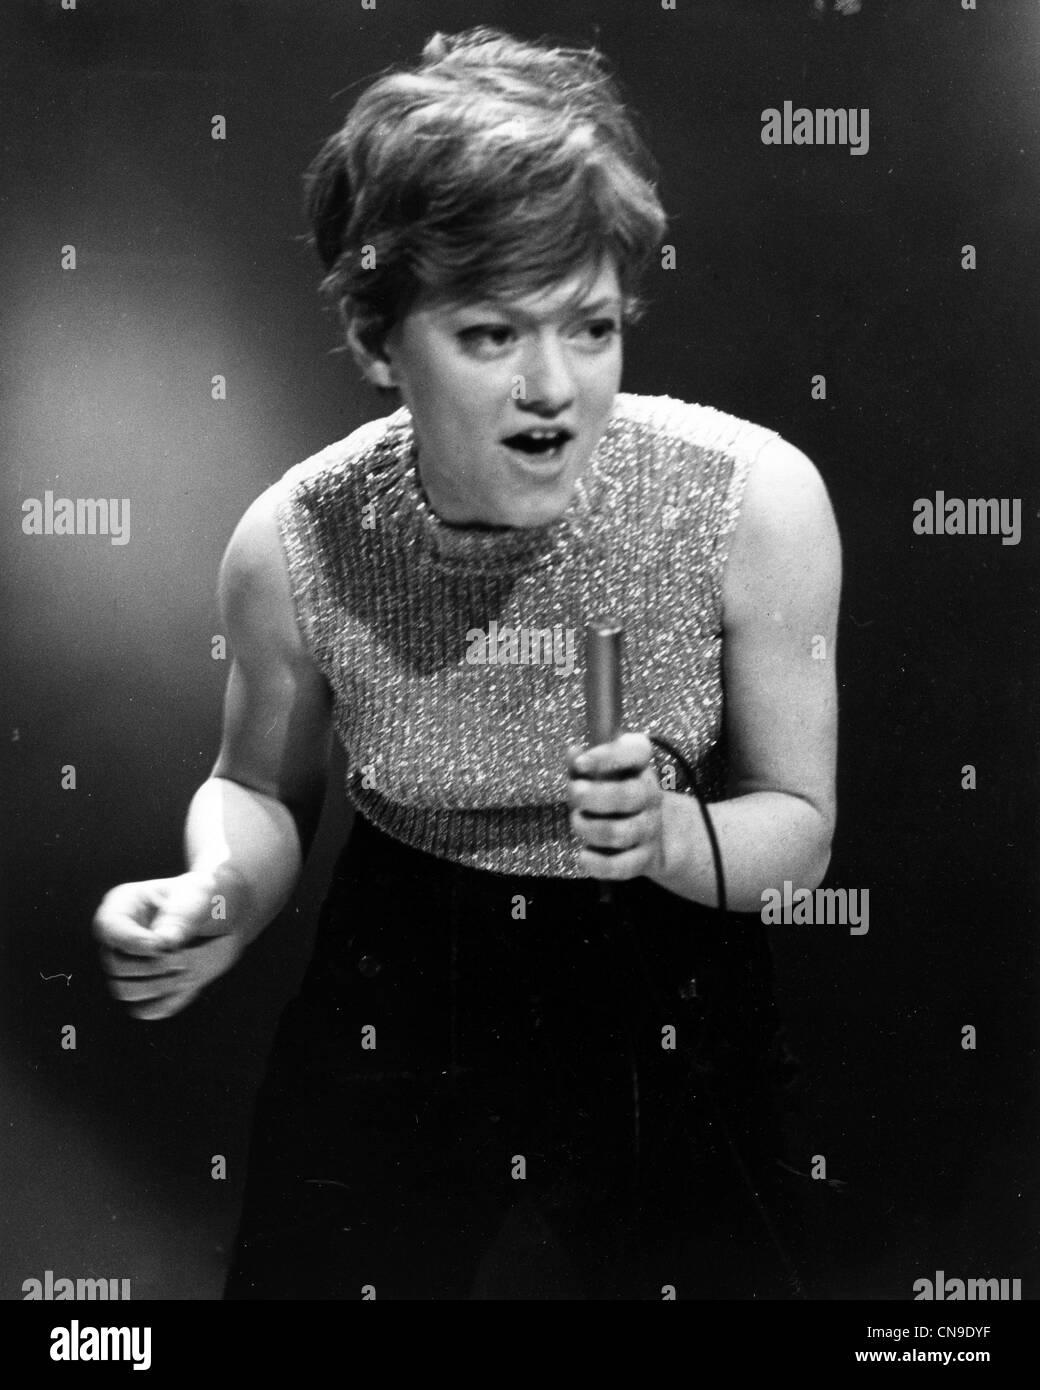 Rita Pavone (born 1945)